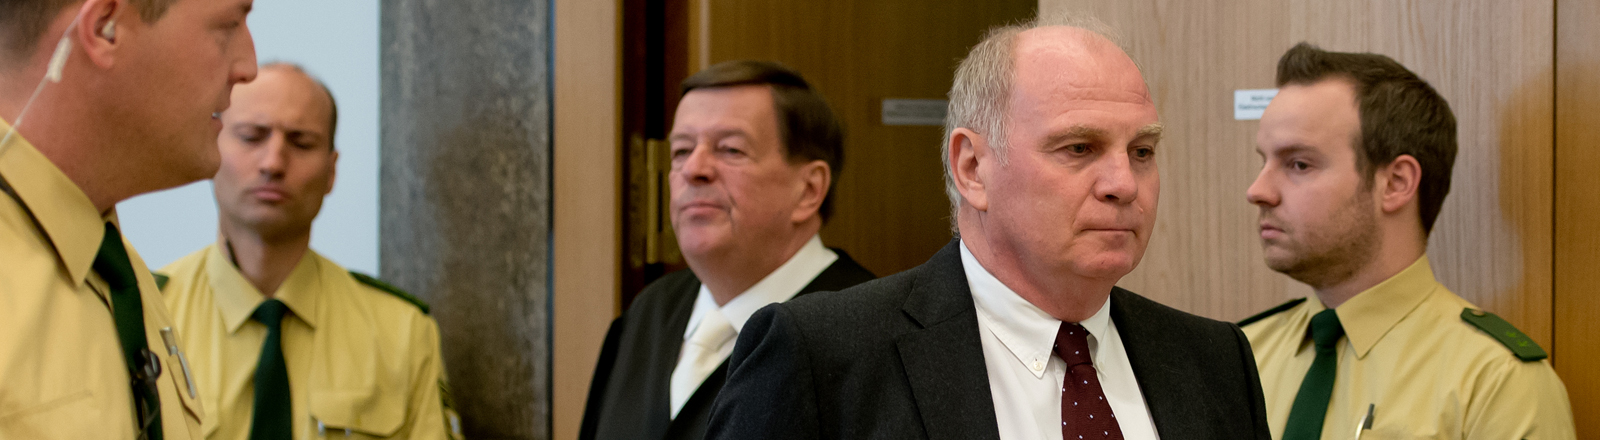 Der Präsident des FC Bayern München Uli Hoeneß (2er v.r) betritt zusammen mit seinem Anwalt Hanns W. Feigen (M), am 10.03.2014 als Angeklagter den Gerichtssaal im Landgericht München II (Bayern).